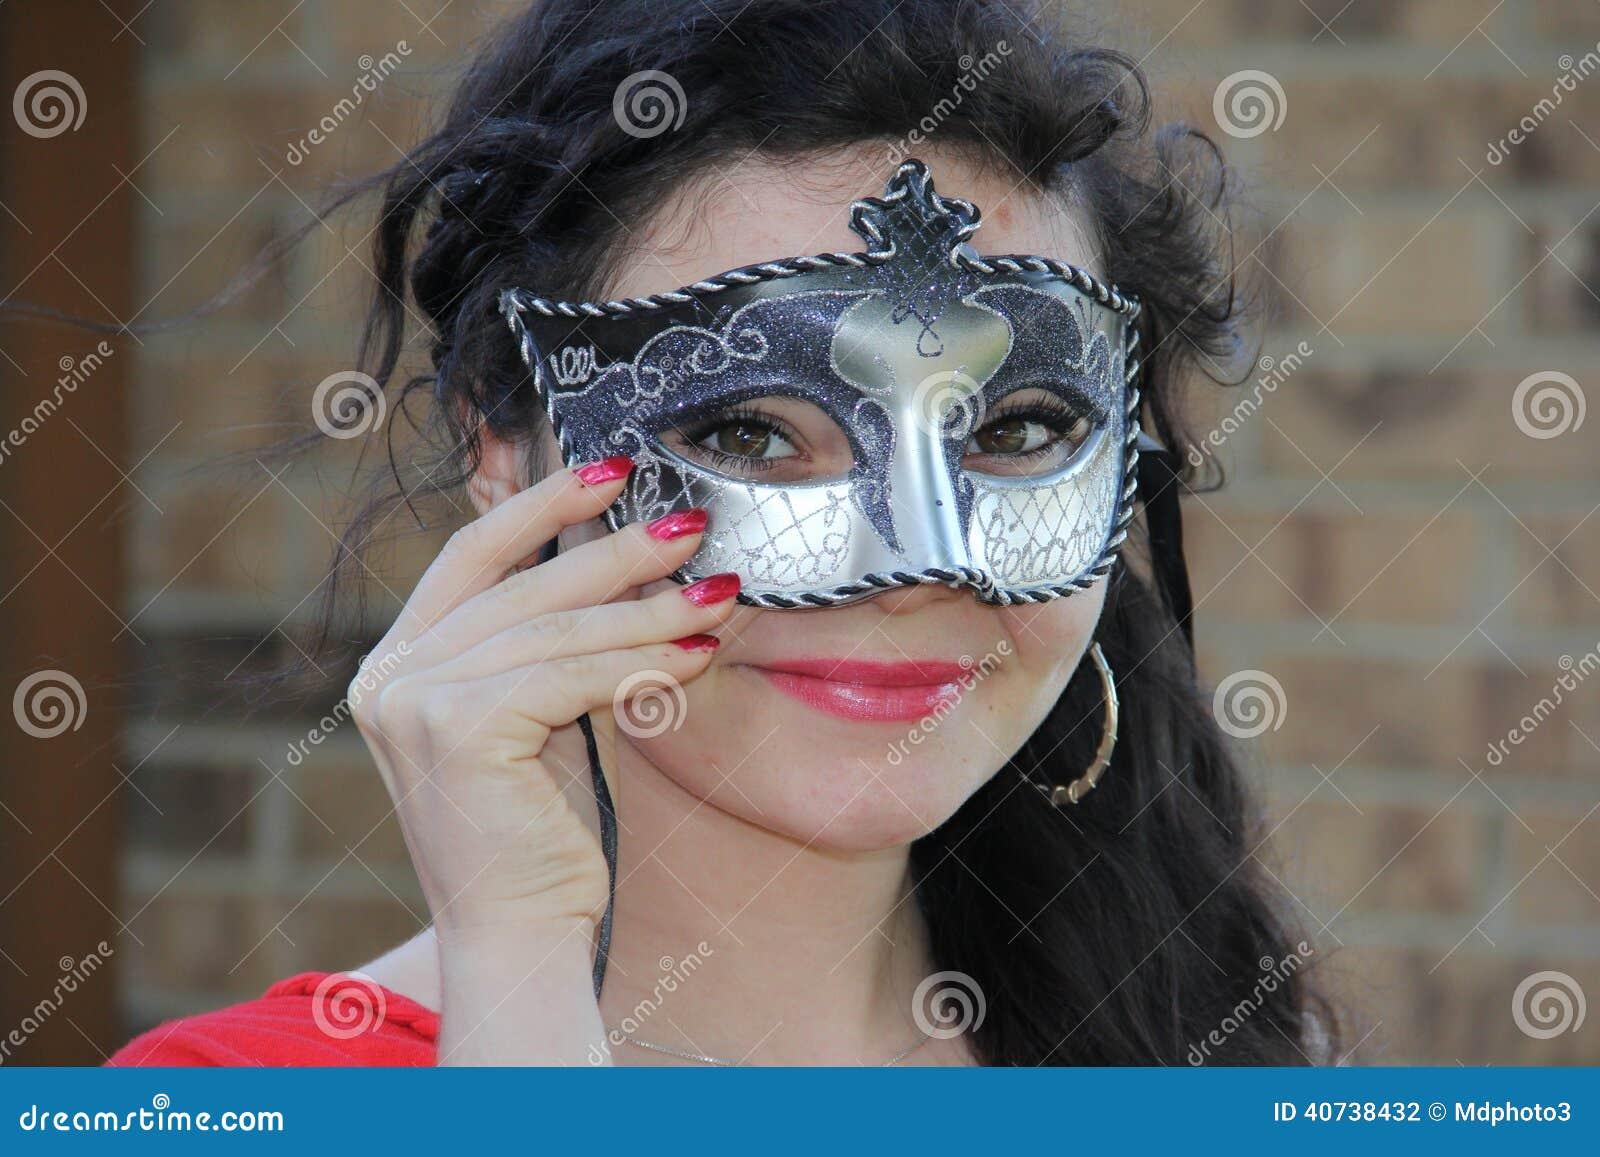 青少年的化妆舞会面具图片